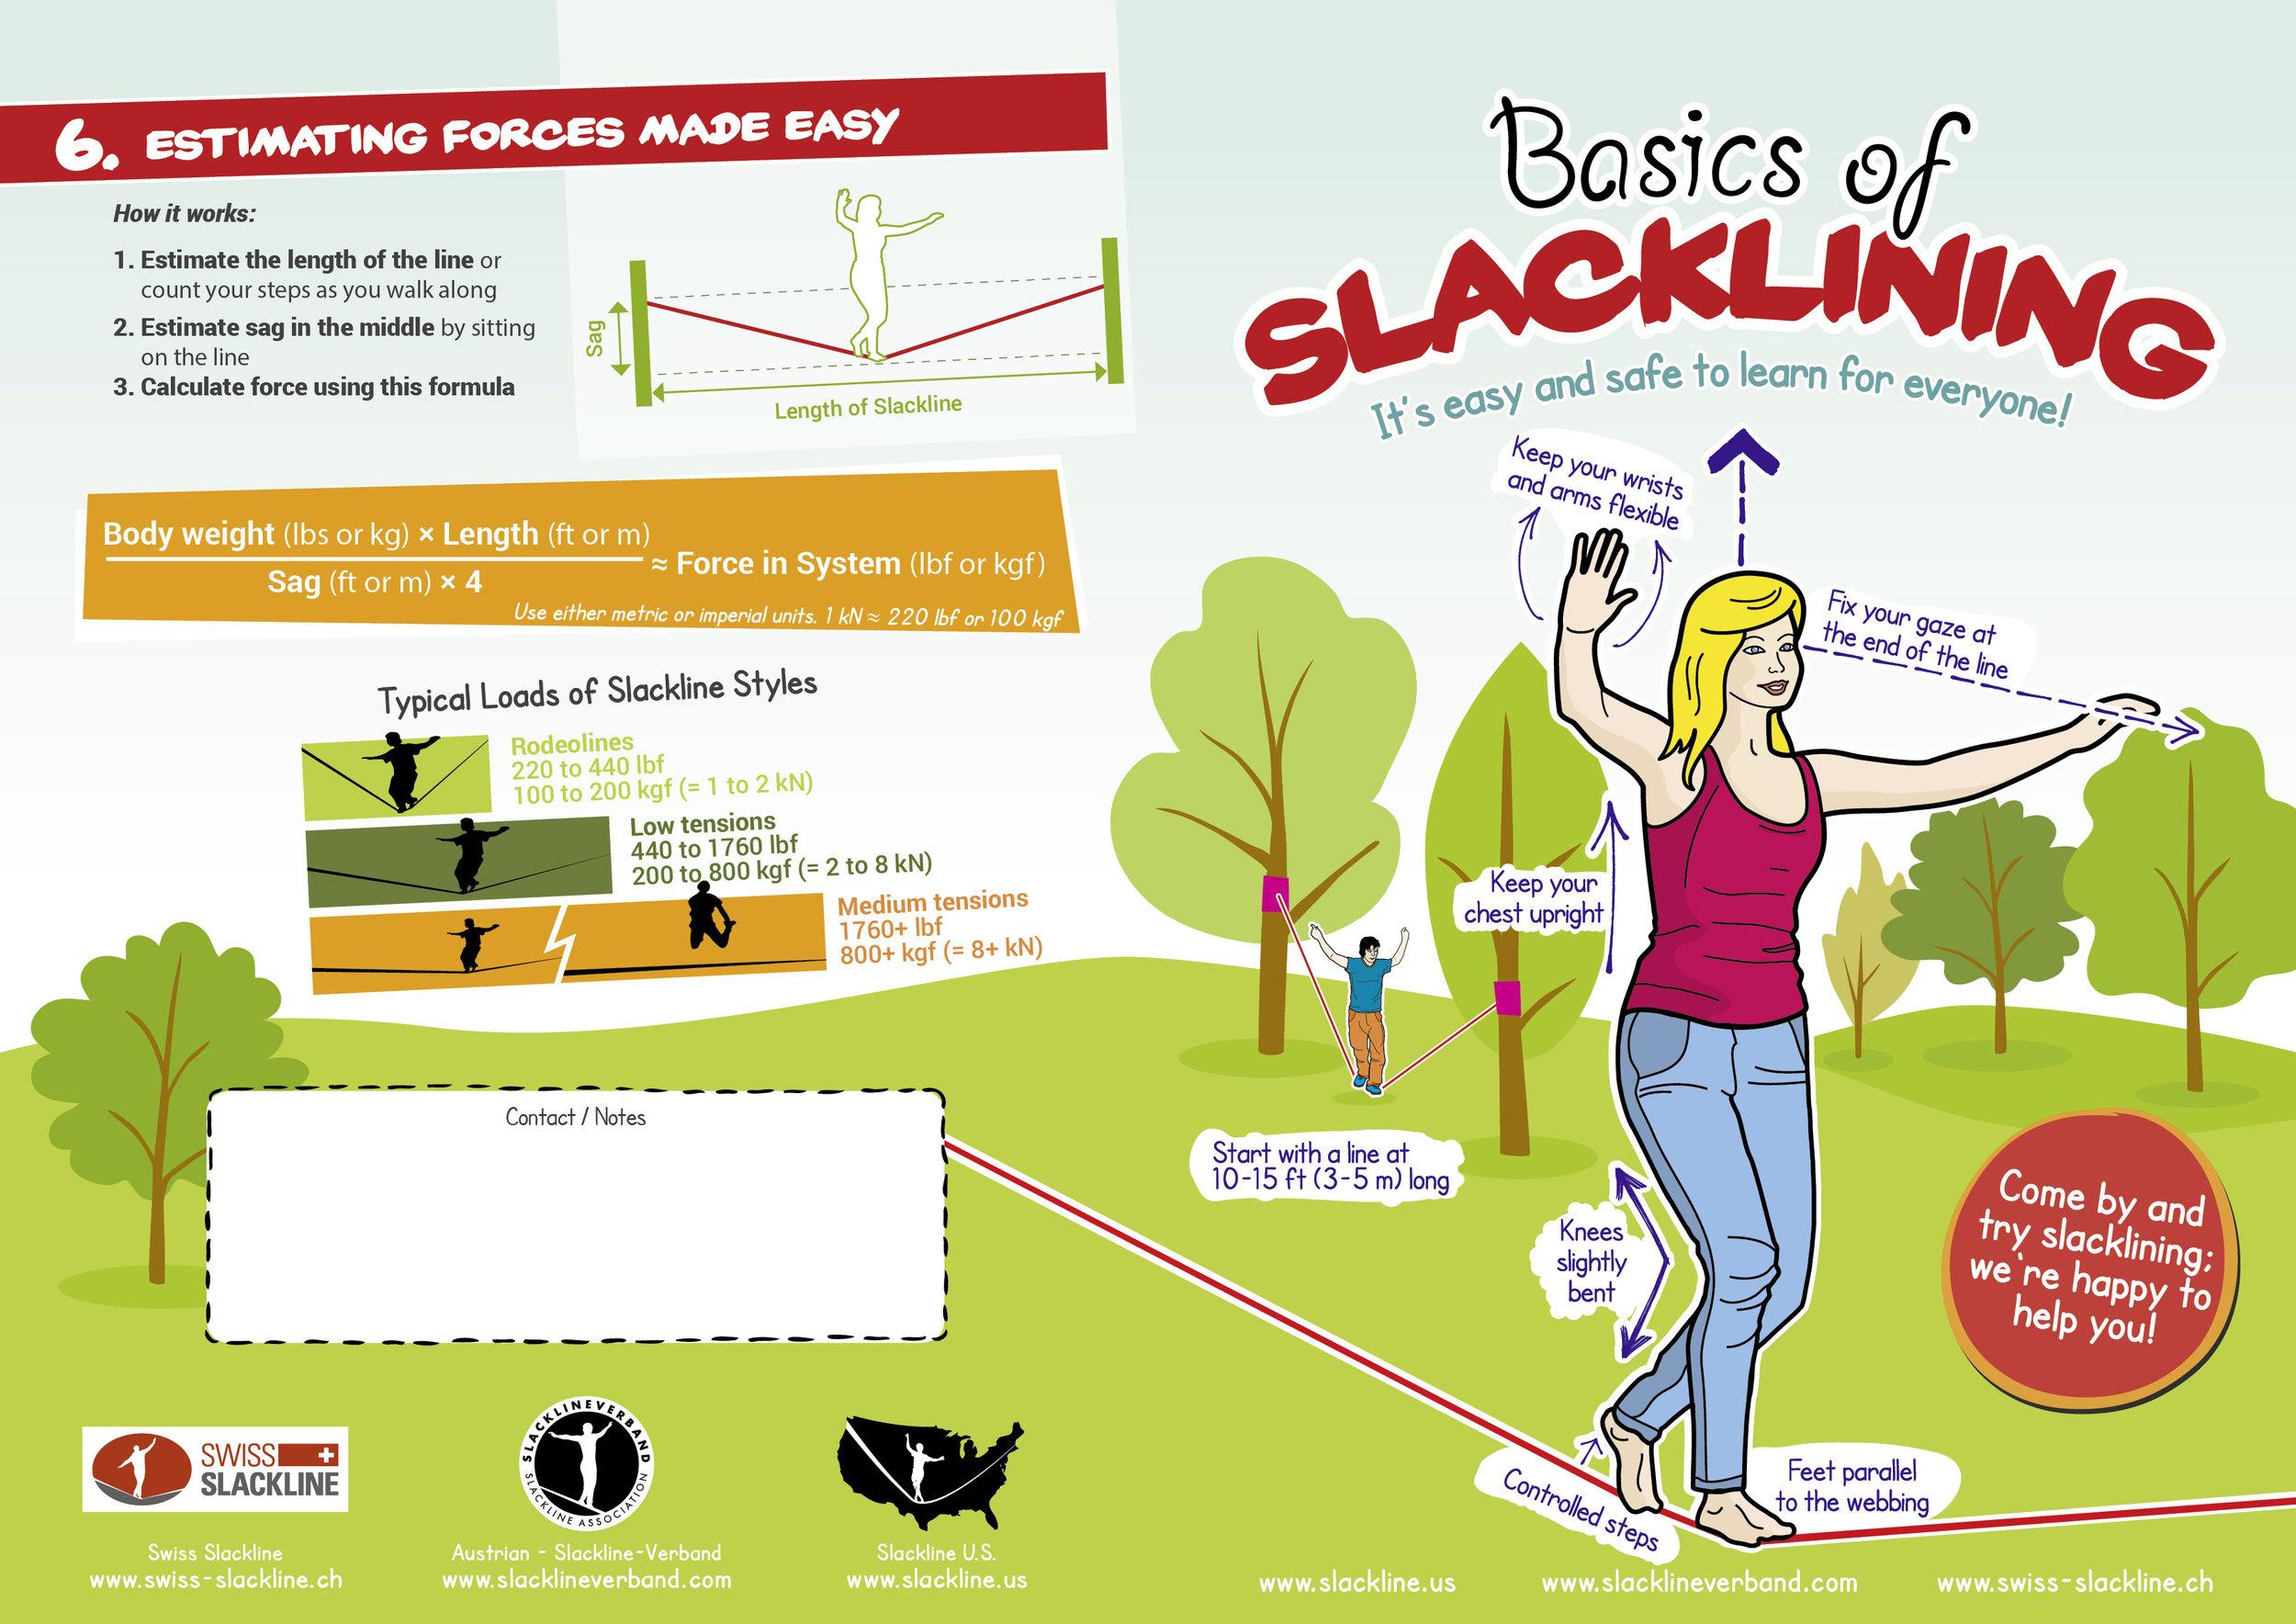 slackline basics flier.jpg